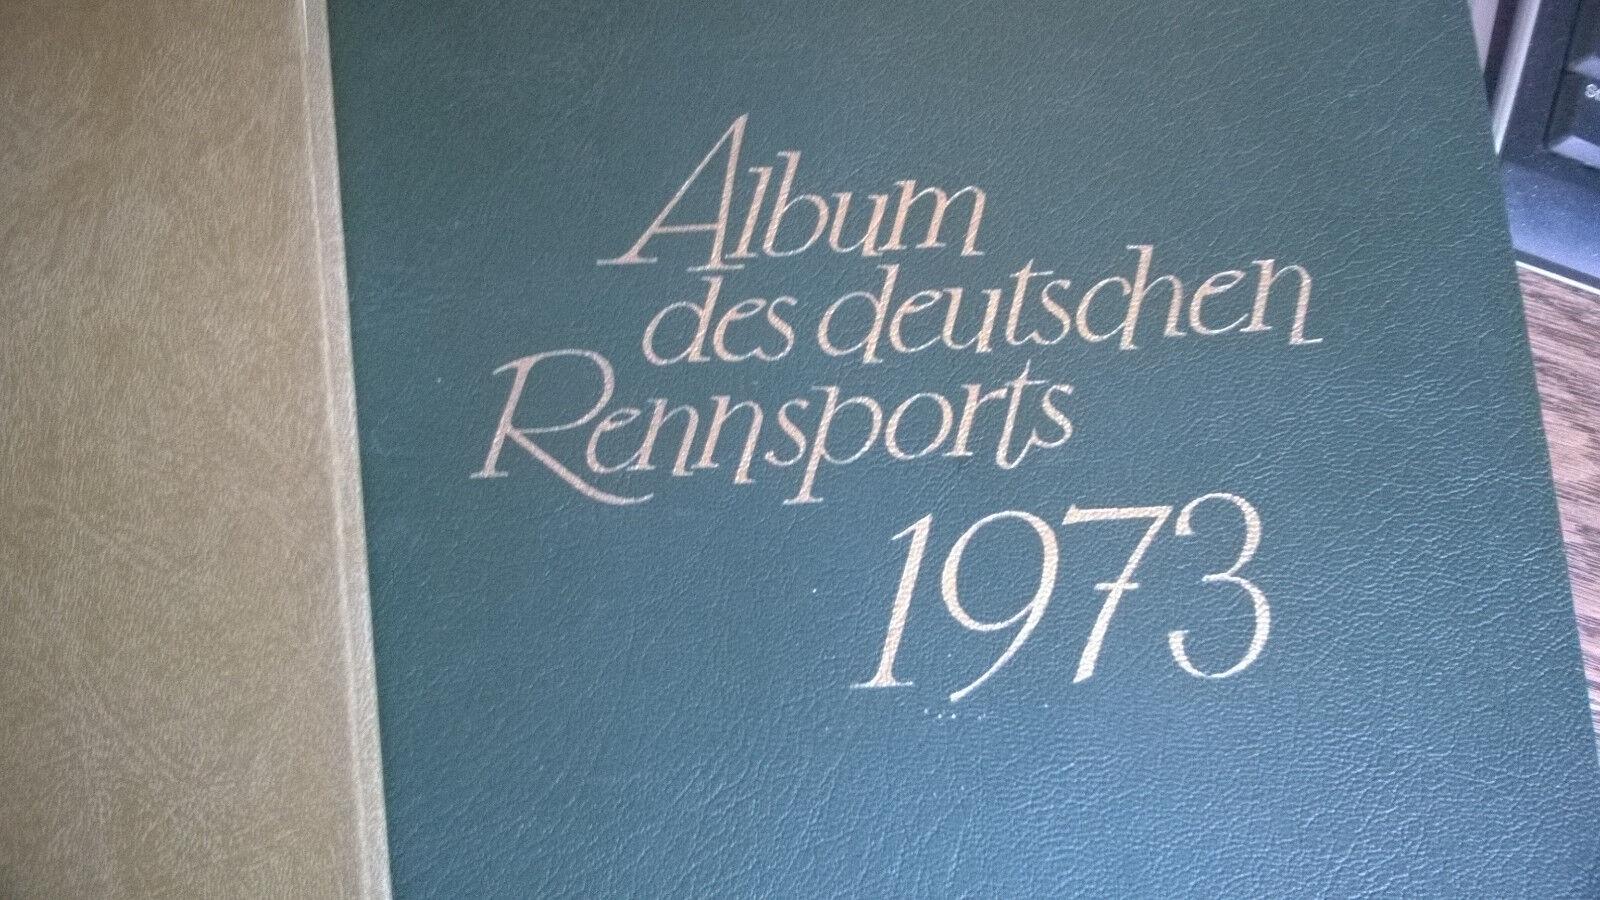 Album des deutschen Rennsports  1973 und 1983